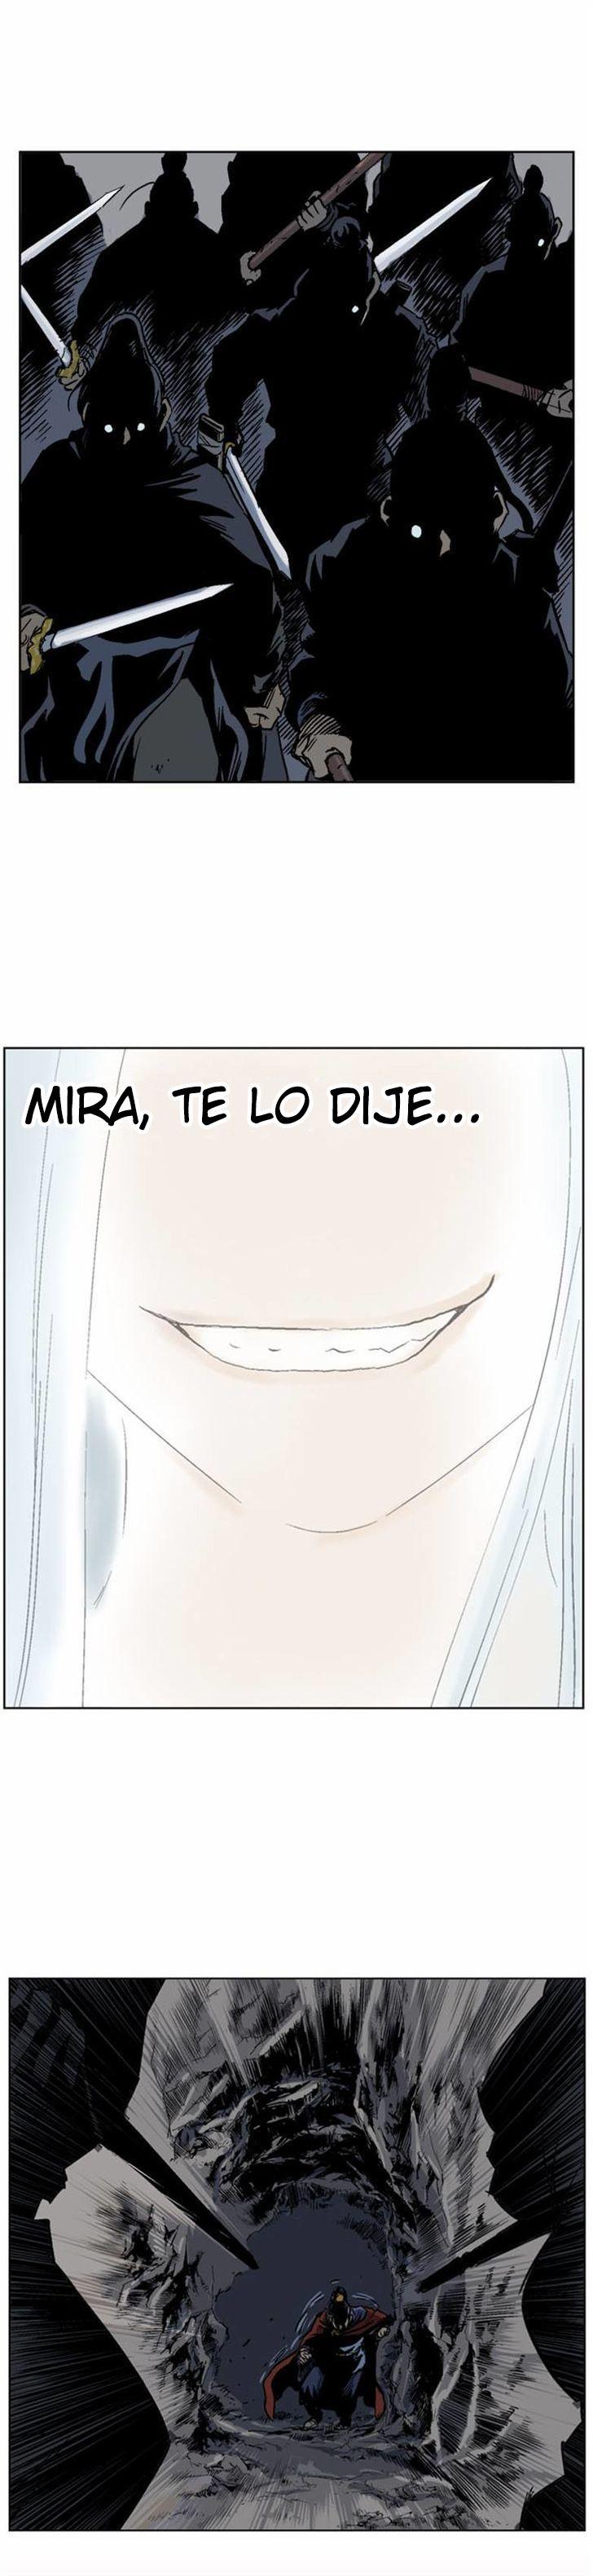 https://c5.ninemanga.com/es_manga/pic2/9/18249/517919/4db6b4f93bb90fabd643a3e0b7c25901.jpg Page 6